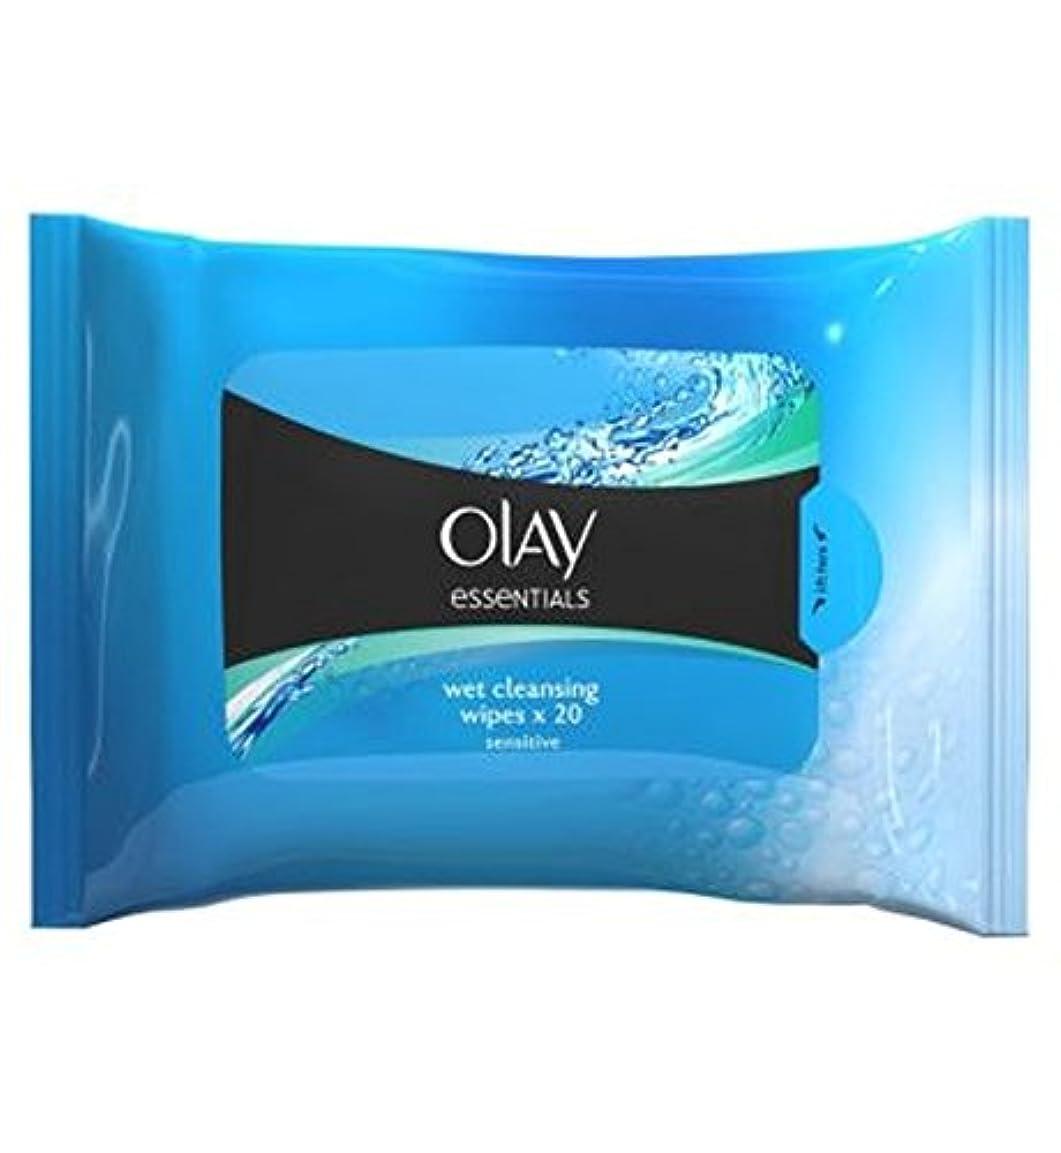 ミル開発する専門用語顔の敏感なクレンジングは、再シール可能なポーチX20にワイプオーレイの必需品 (Olay) (x2) - Olay Essentials Facial Sensitive Cleansing Wipes in Resealable...